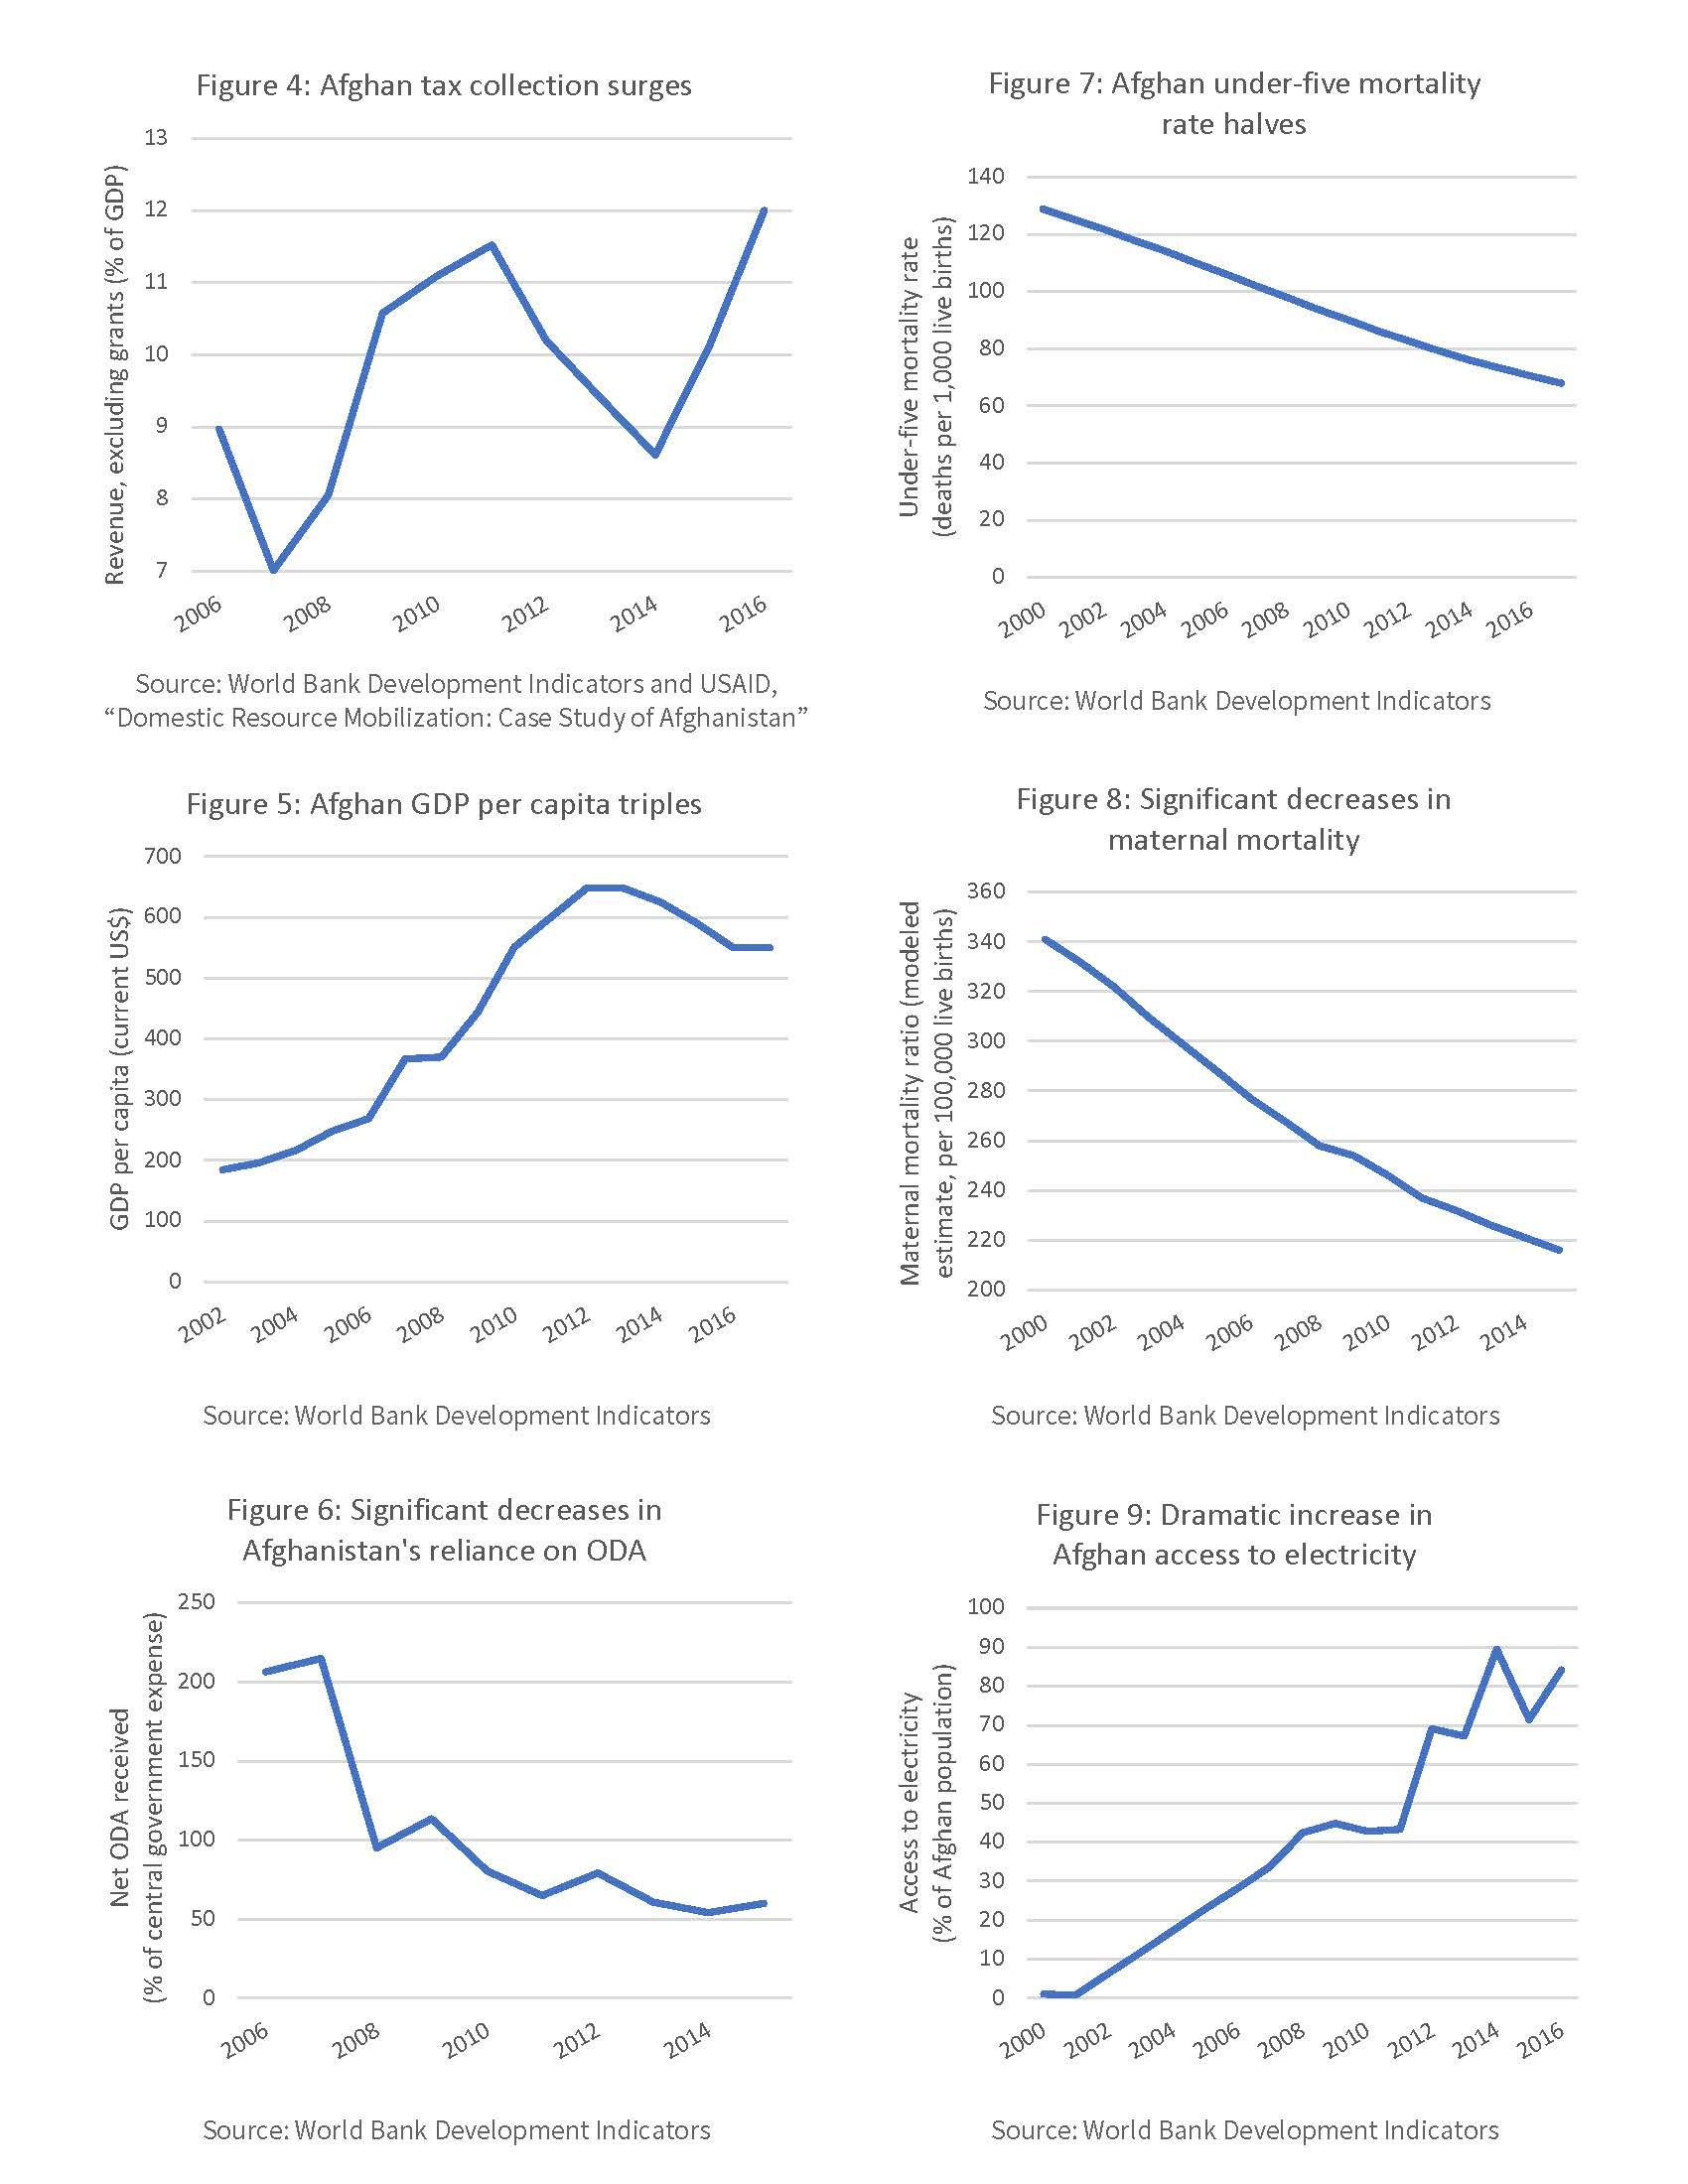 https://csis-website-prod.s3.amazonaws.com/s3fs-public/190206_Afghan_Graphs.pdf